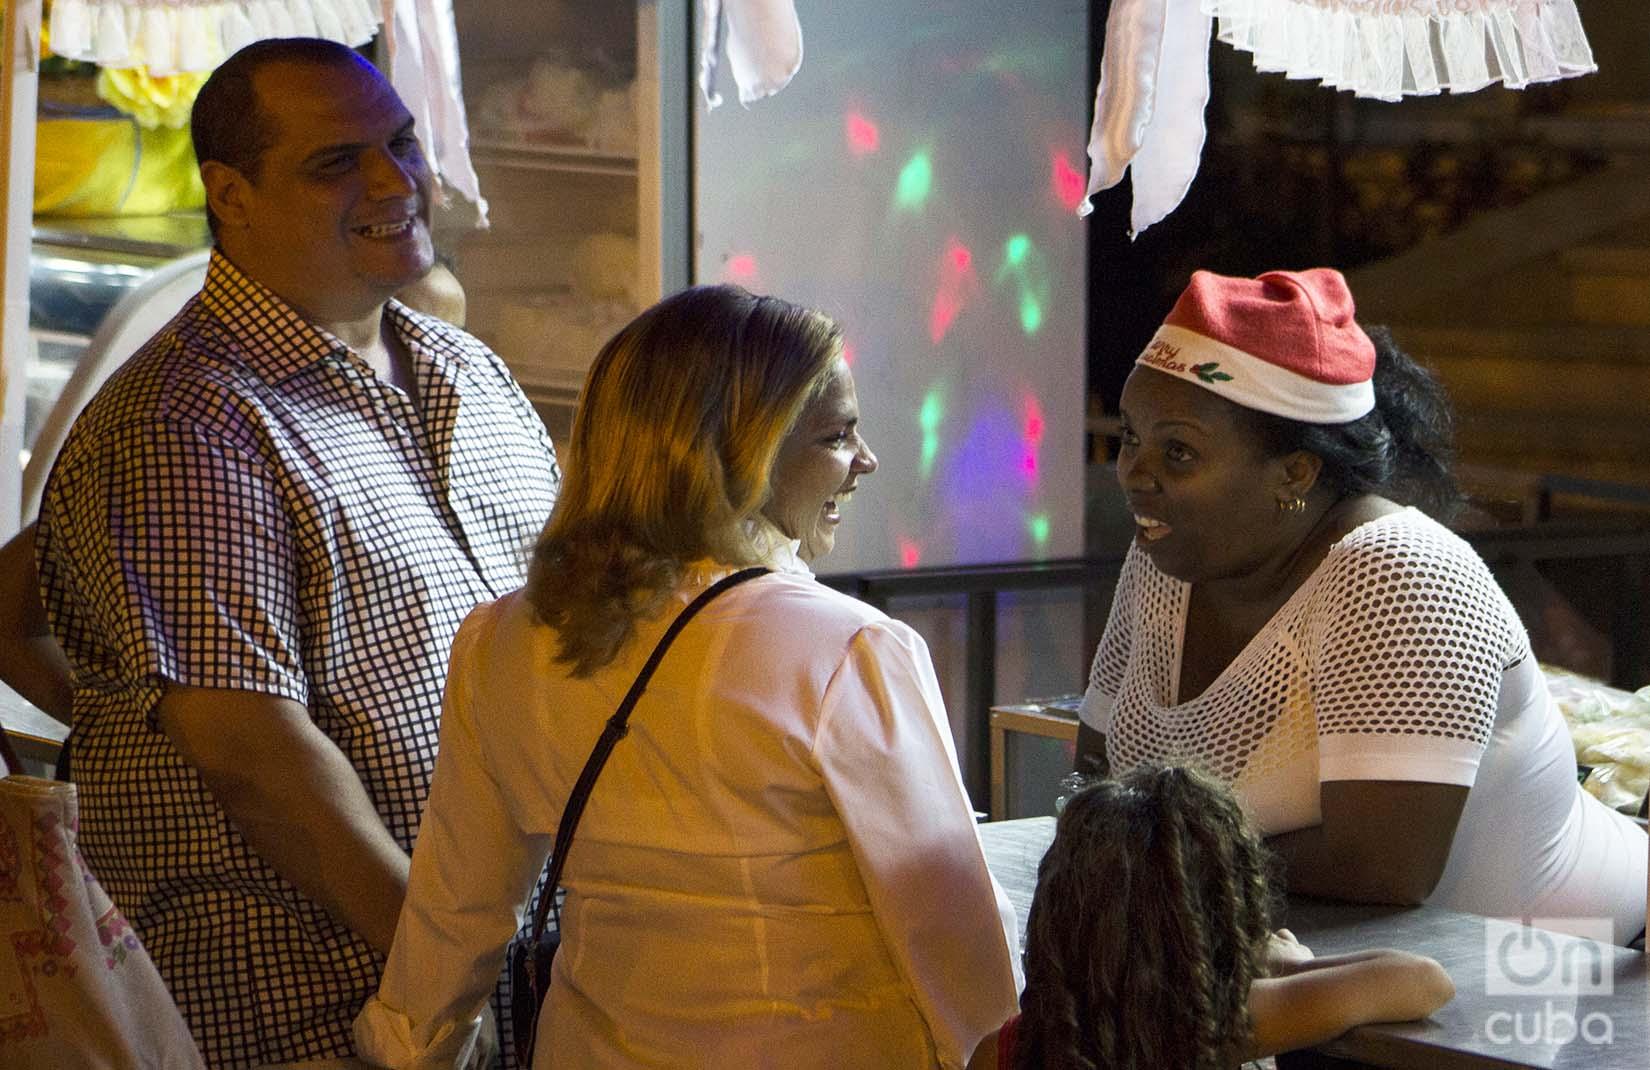 Motivos navideños en el fin de año en Santiago de Cuba. Foto: Frank Lahera Ocallaghan.